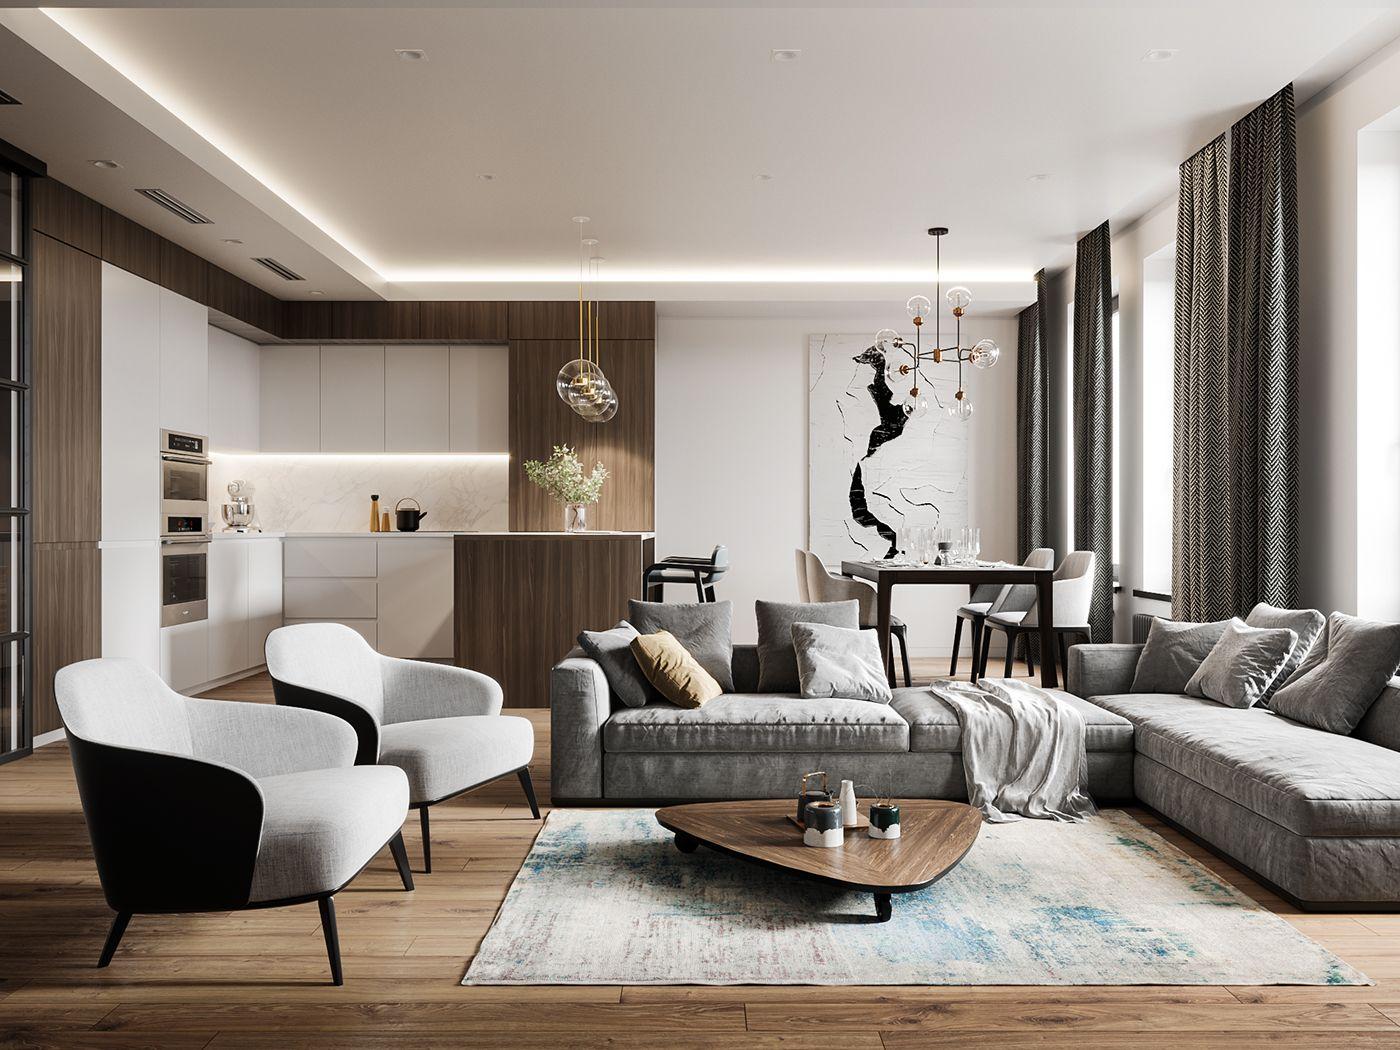 تصاميم منازل 2020 12 1